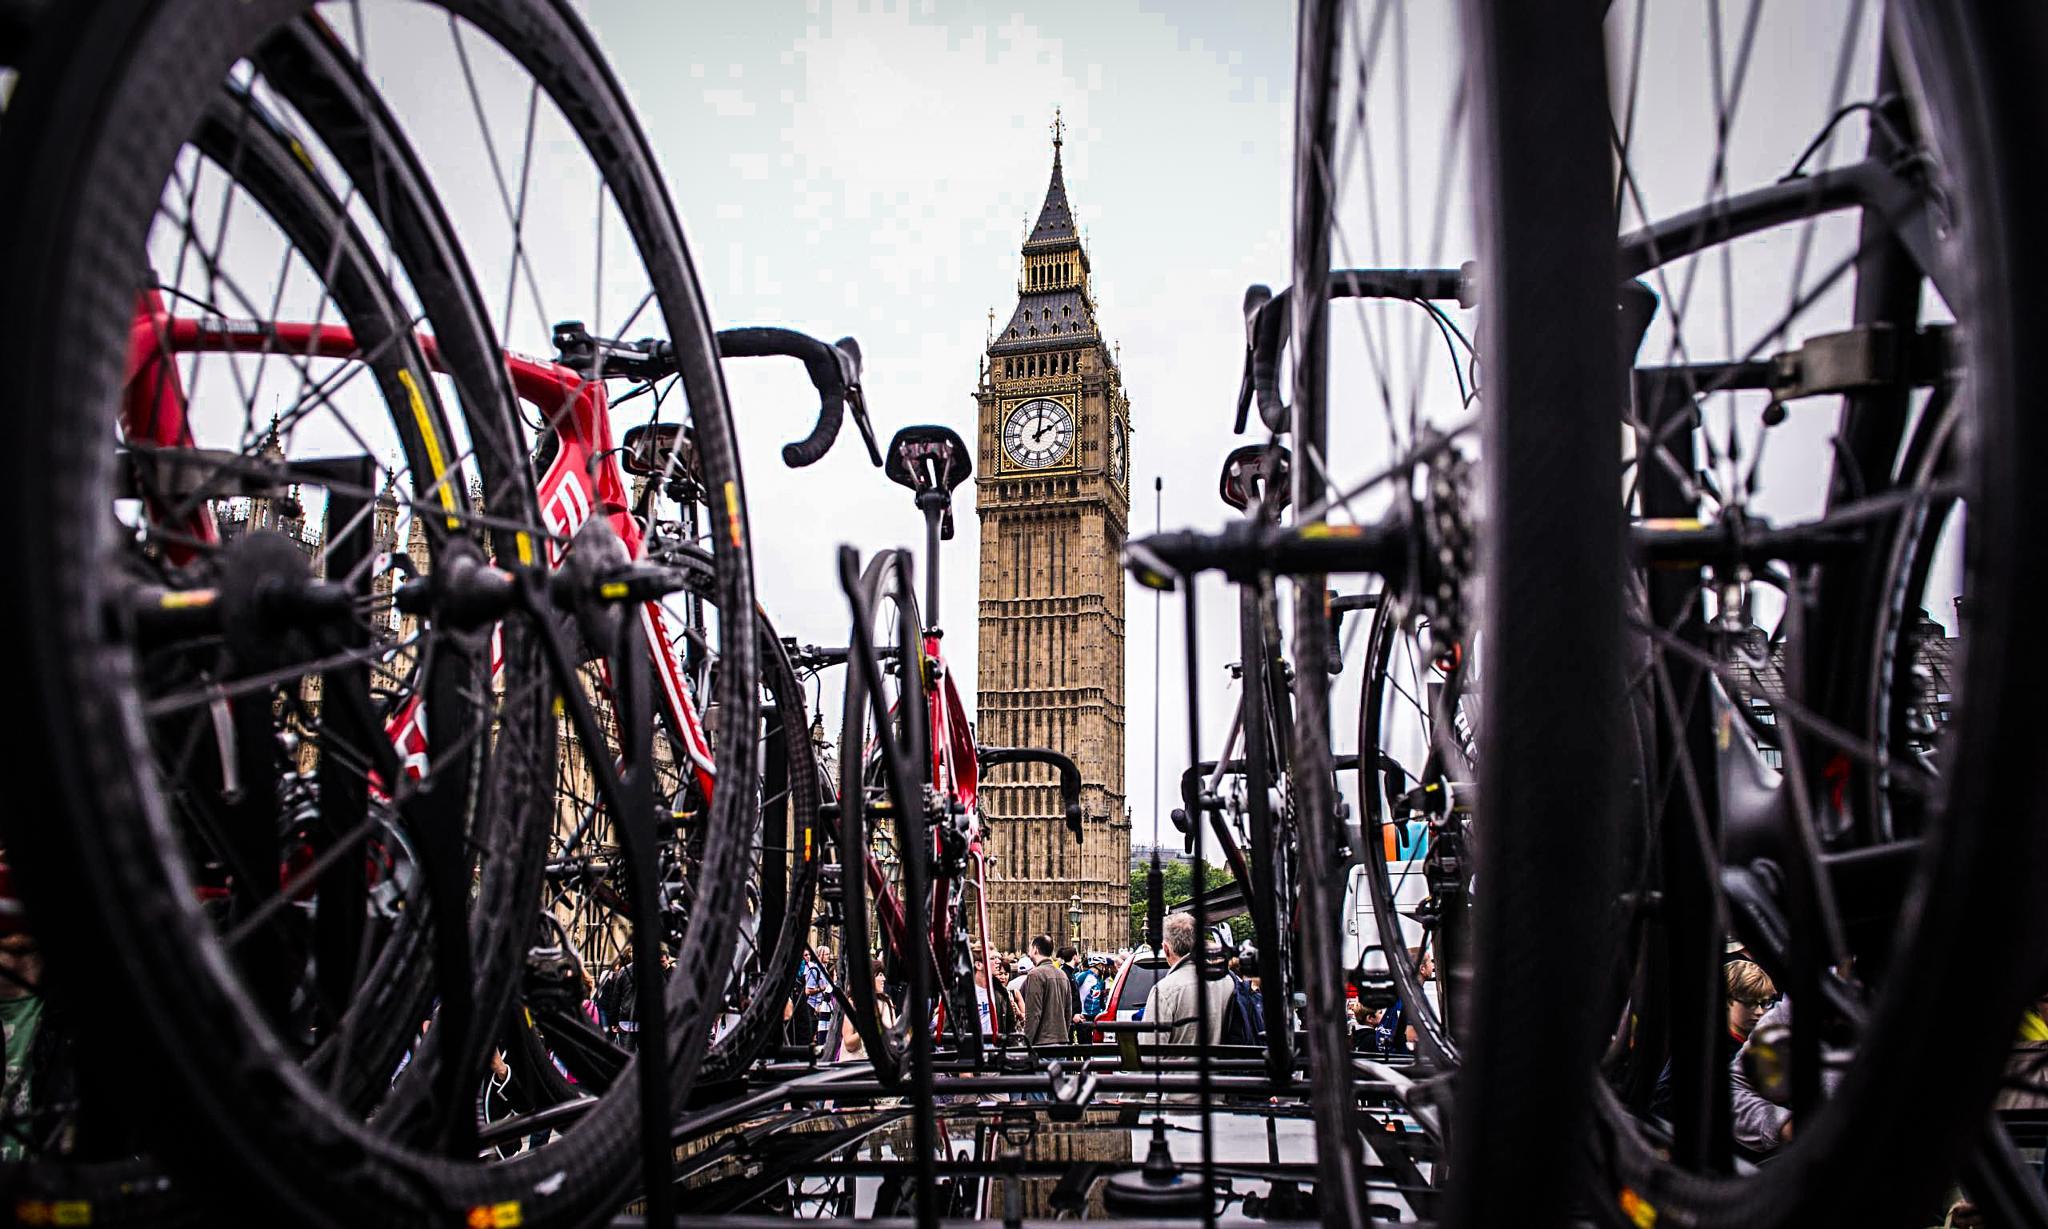 Tour de France 2014 London by Miguel Angel Posincovich